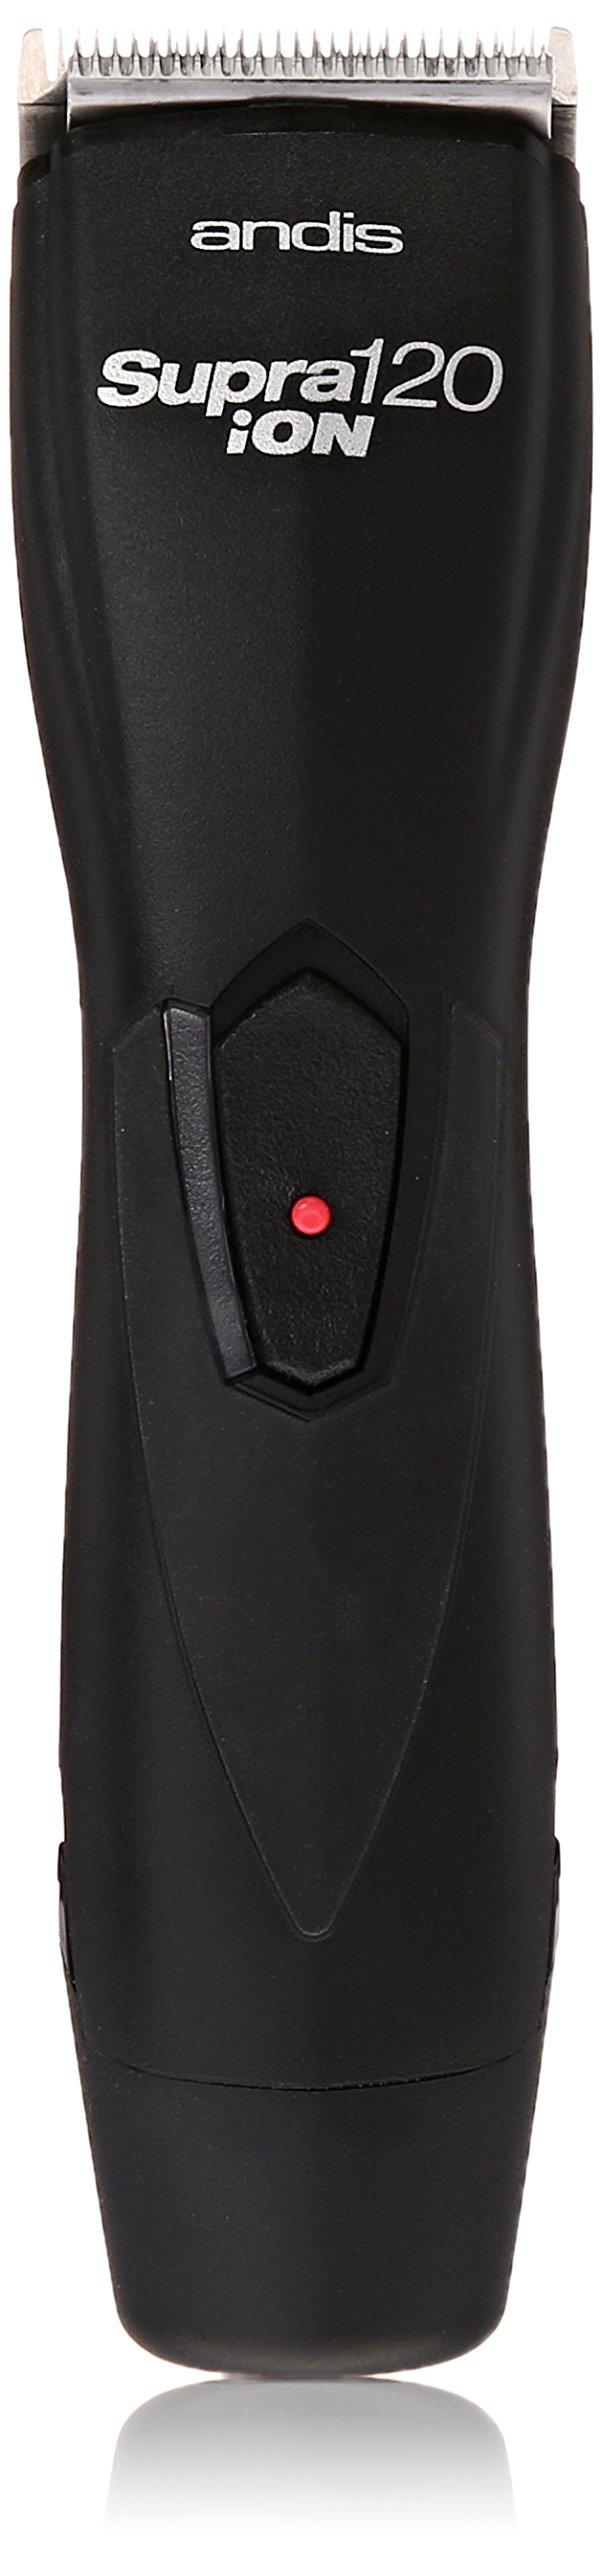 Andis 68265 Supra120 Ion Clipper